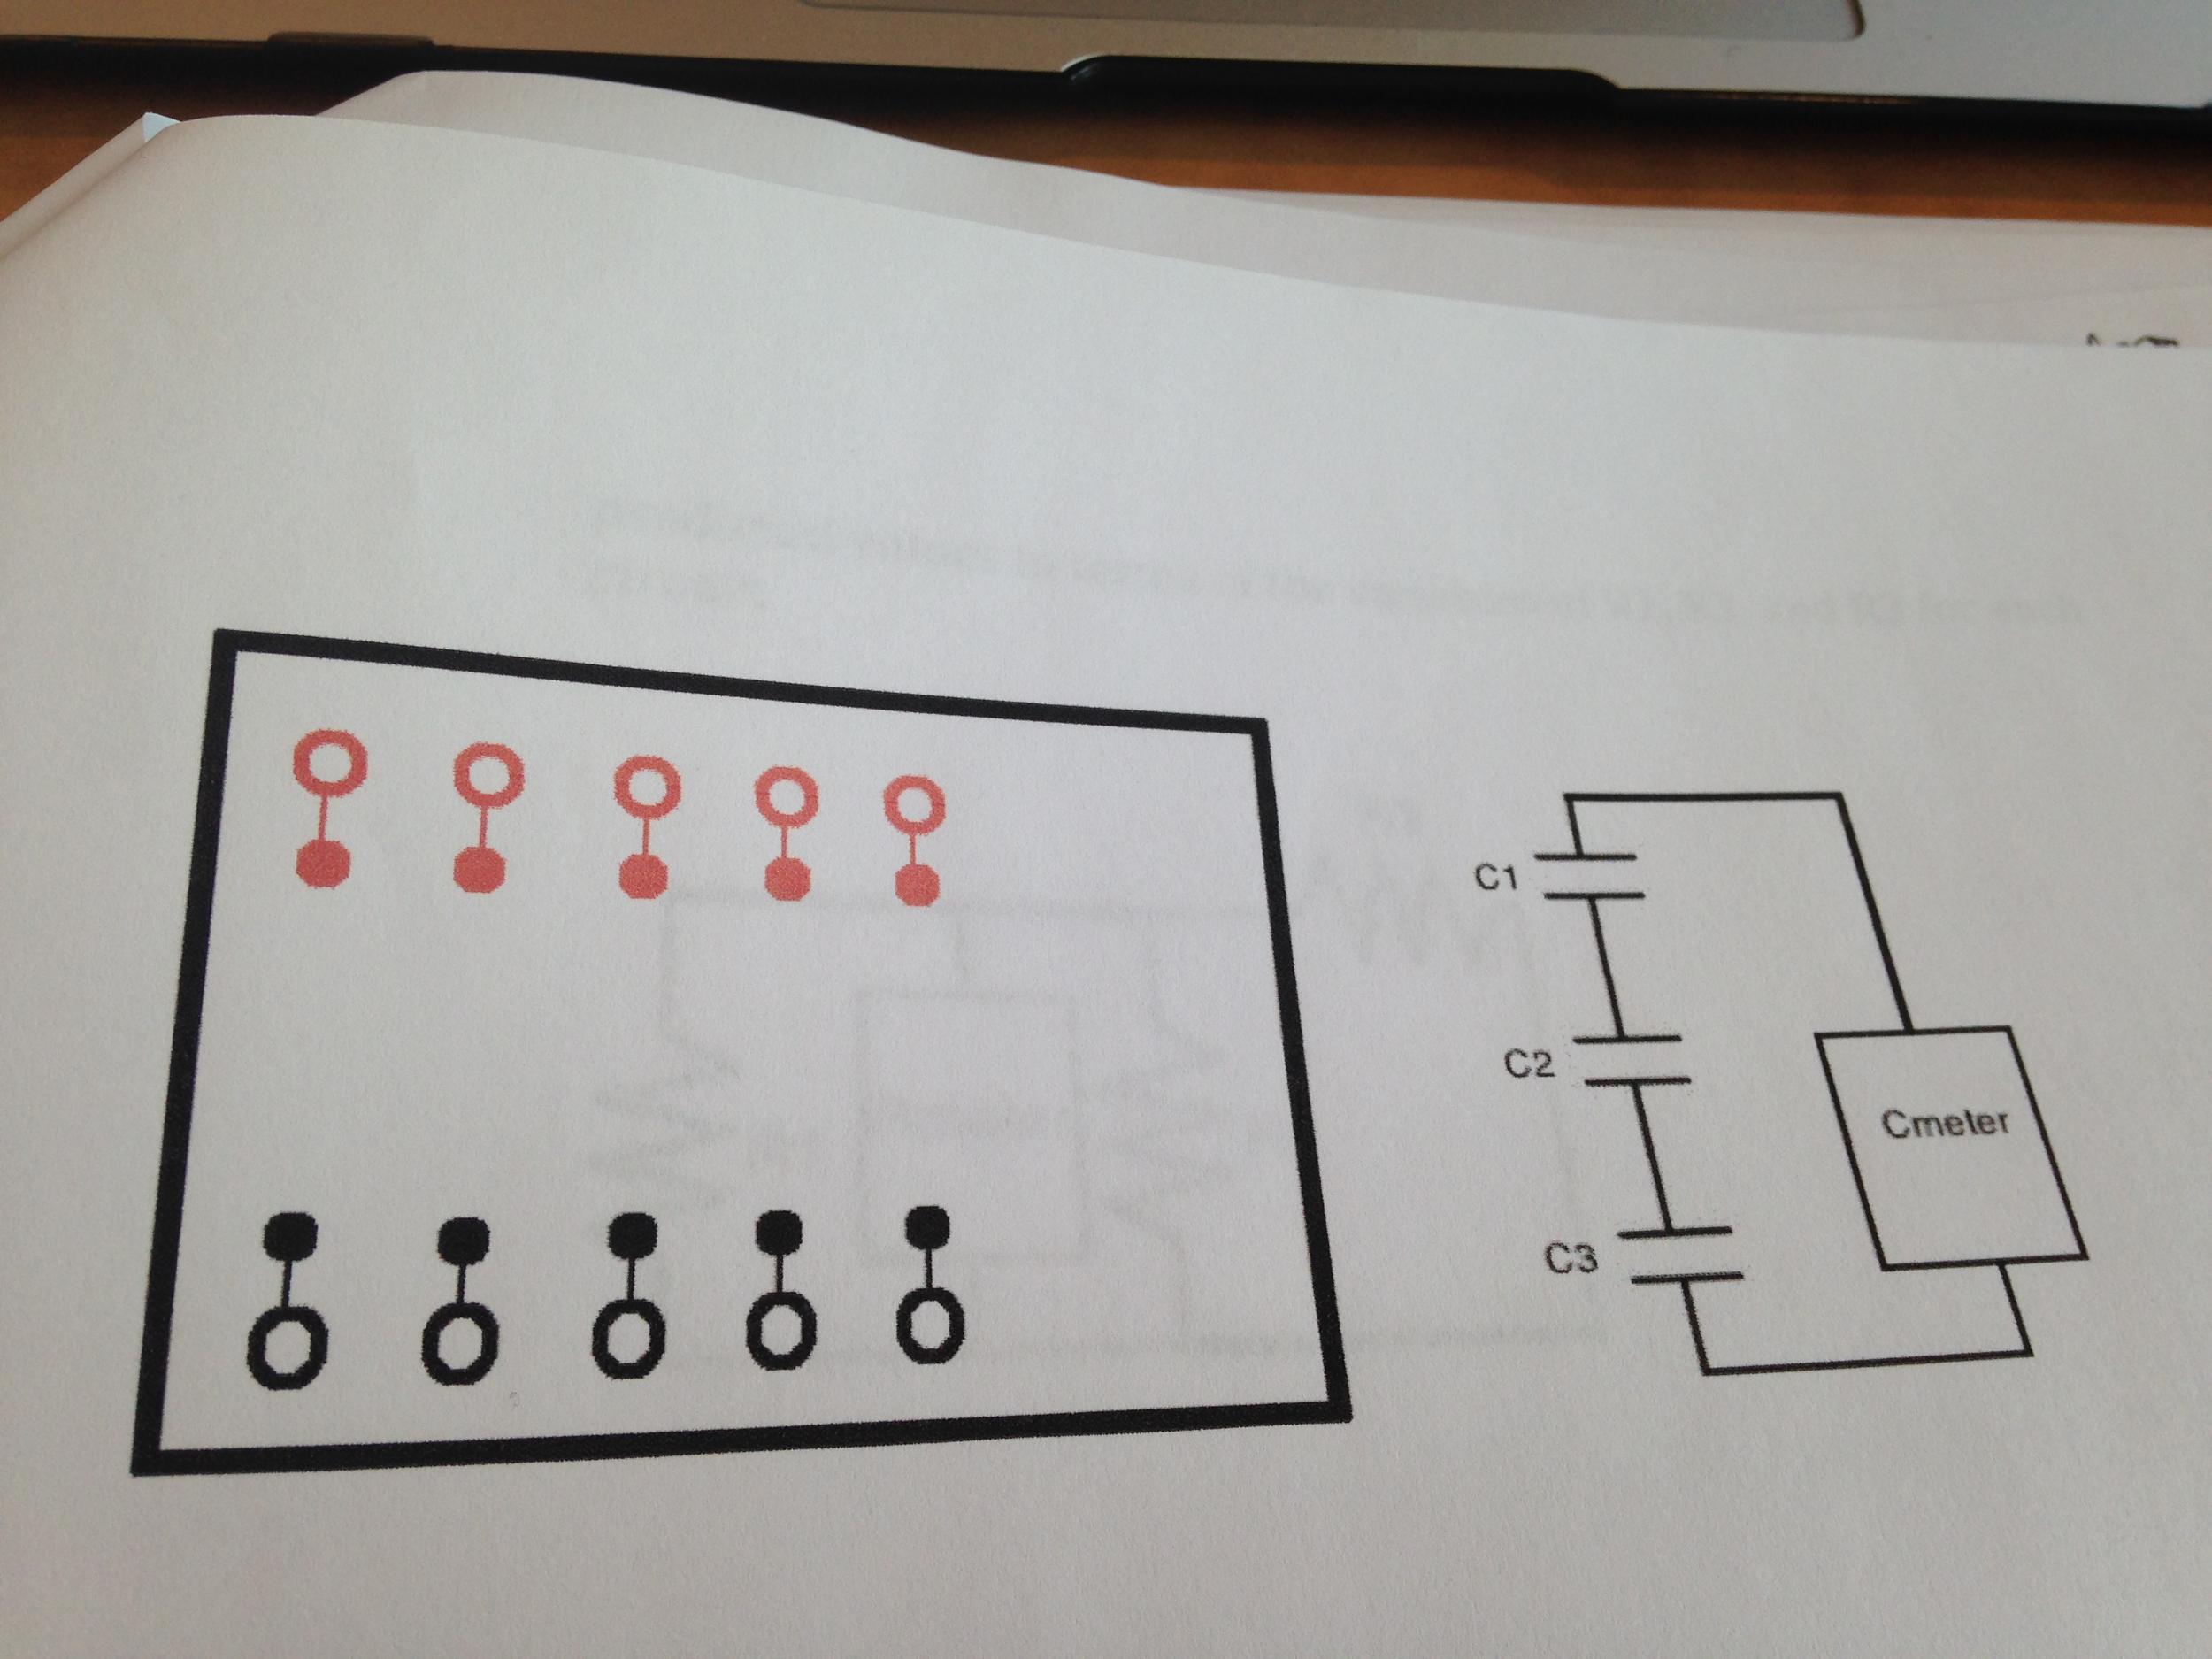 Fantastisch Ckt Diagramm Ideen - Verdrahtungsideen - korsmi.info